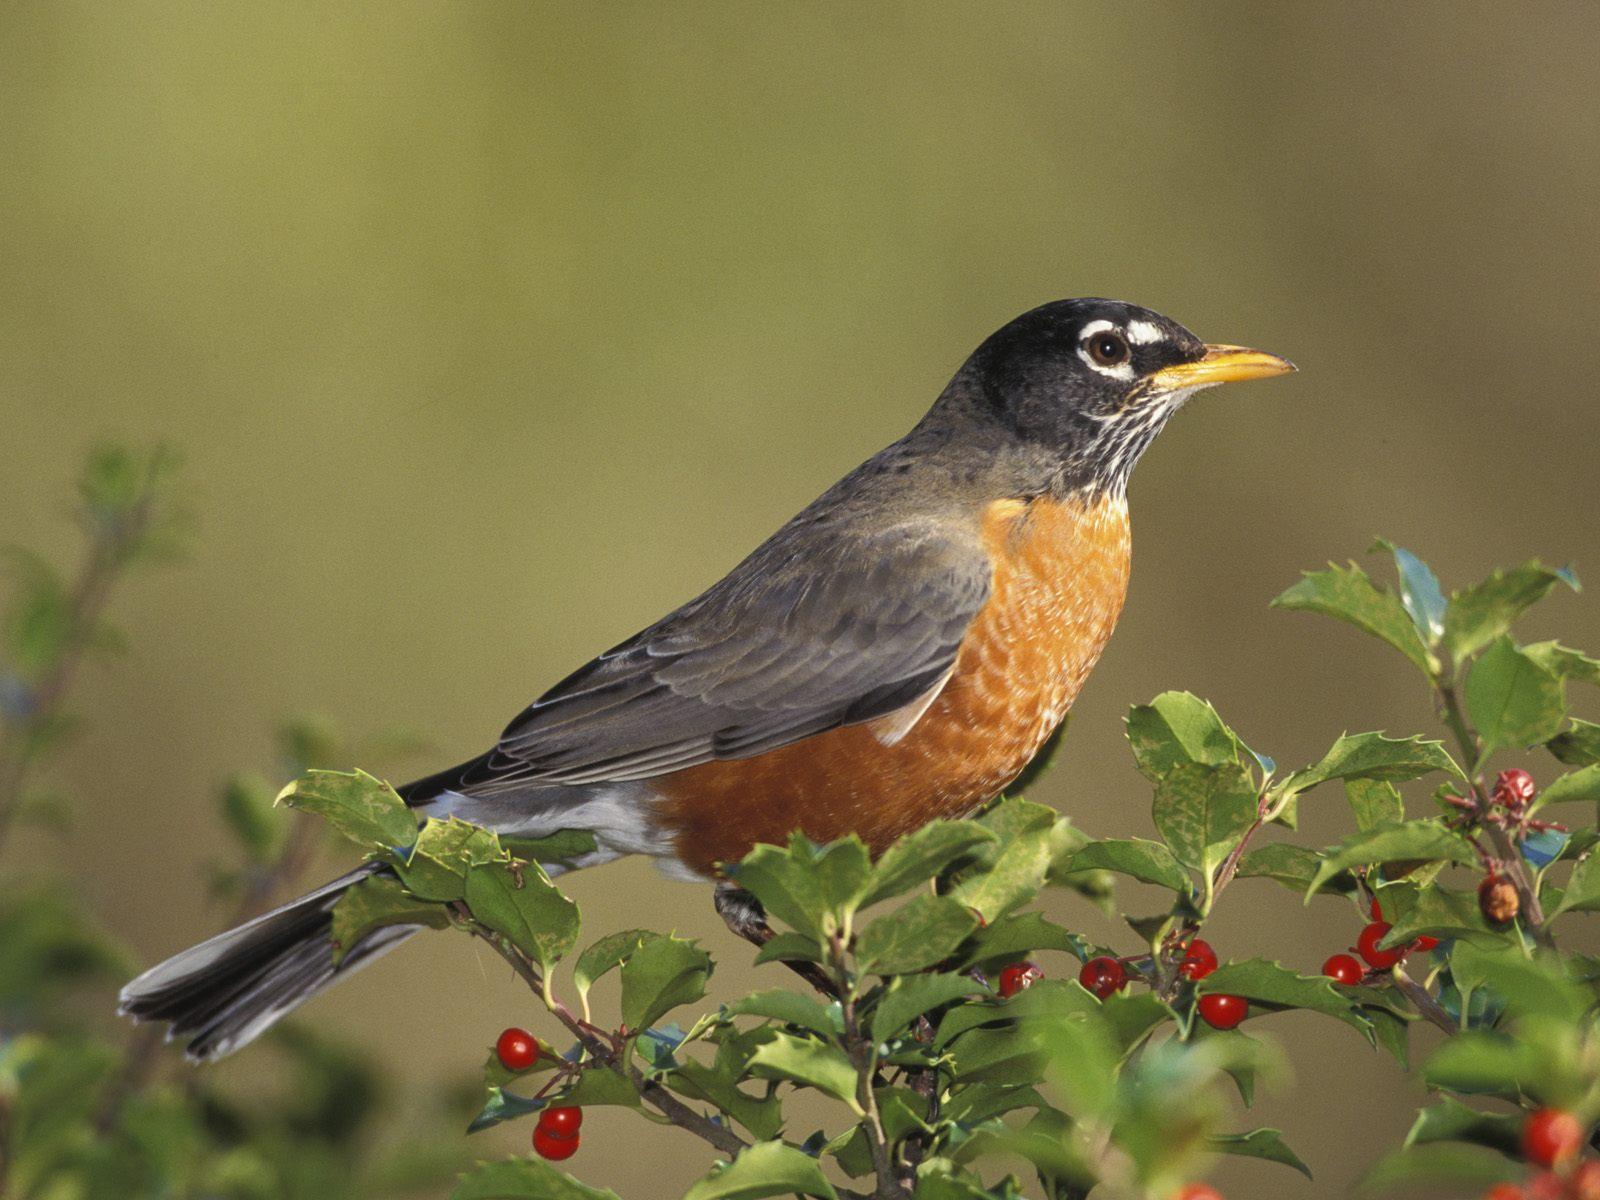 http://2.bp.blogspot.com/_11vnlMa_BXI/Swuf6cDvjrI/AAAAAAAAA5U/nXiWgTCb9ww/s1600/American+Robin.jpg